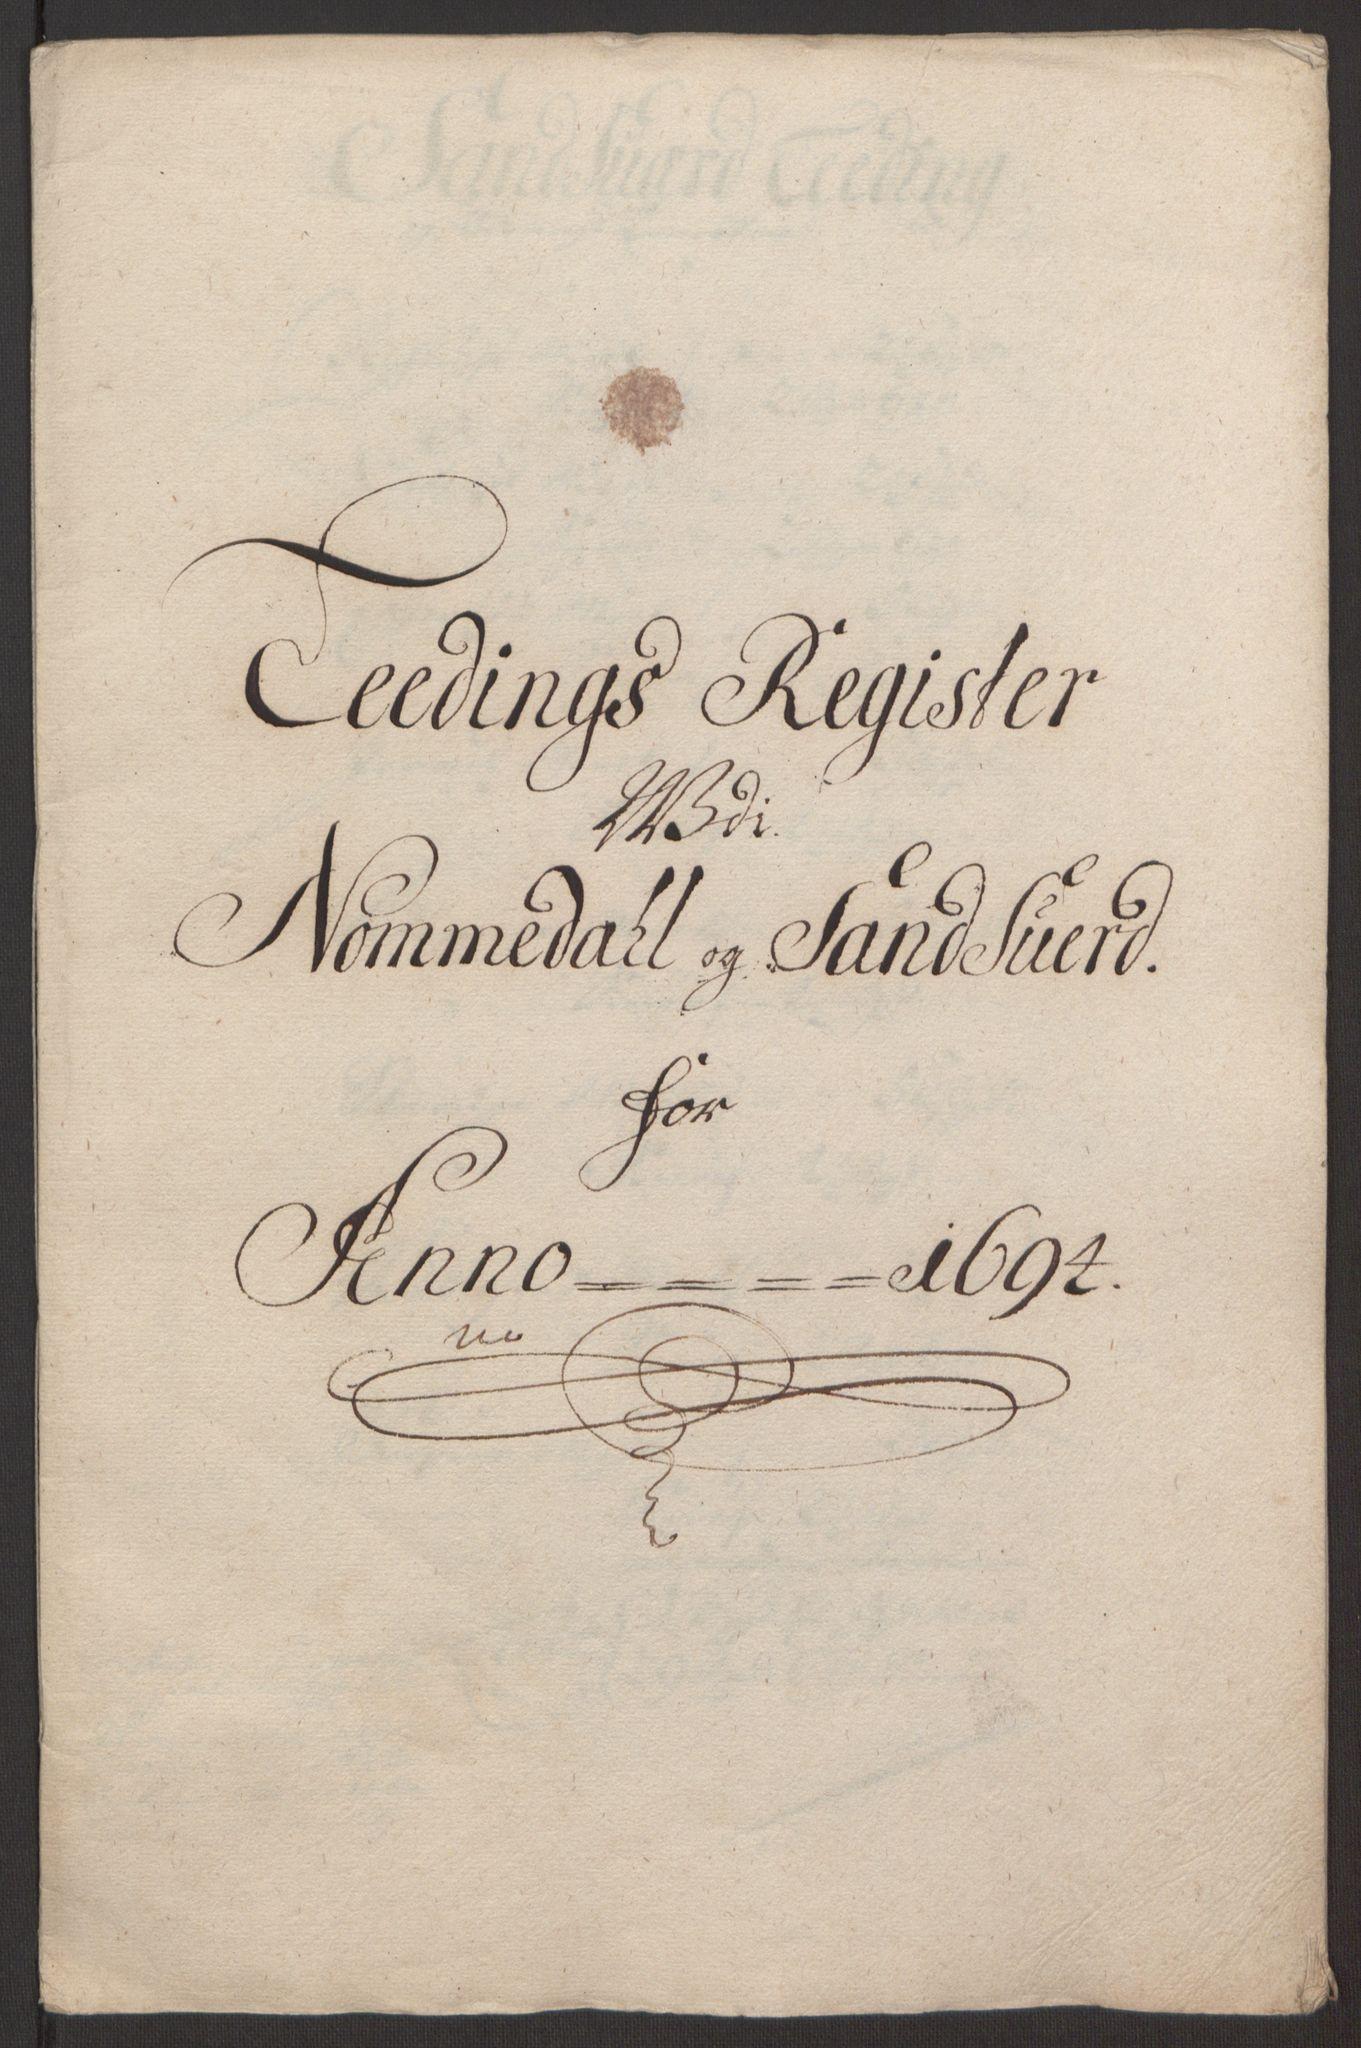 RA, Rentekammeret inntil 1814, Reviderte regnskaper, Fogderegnskap, R24/L1575: Fogderegnskap Numedal og Sandsvær, 1692-1695, s. 201